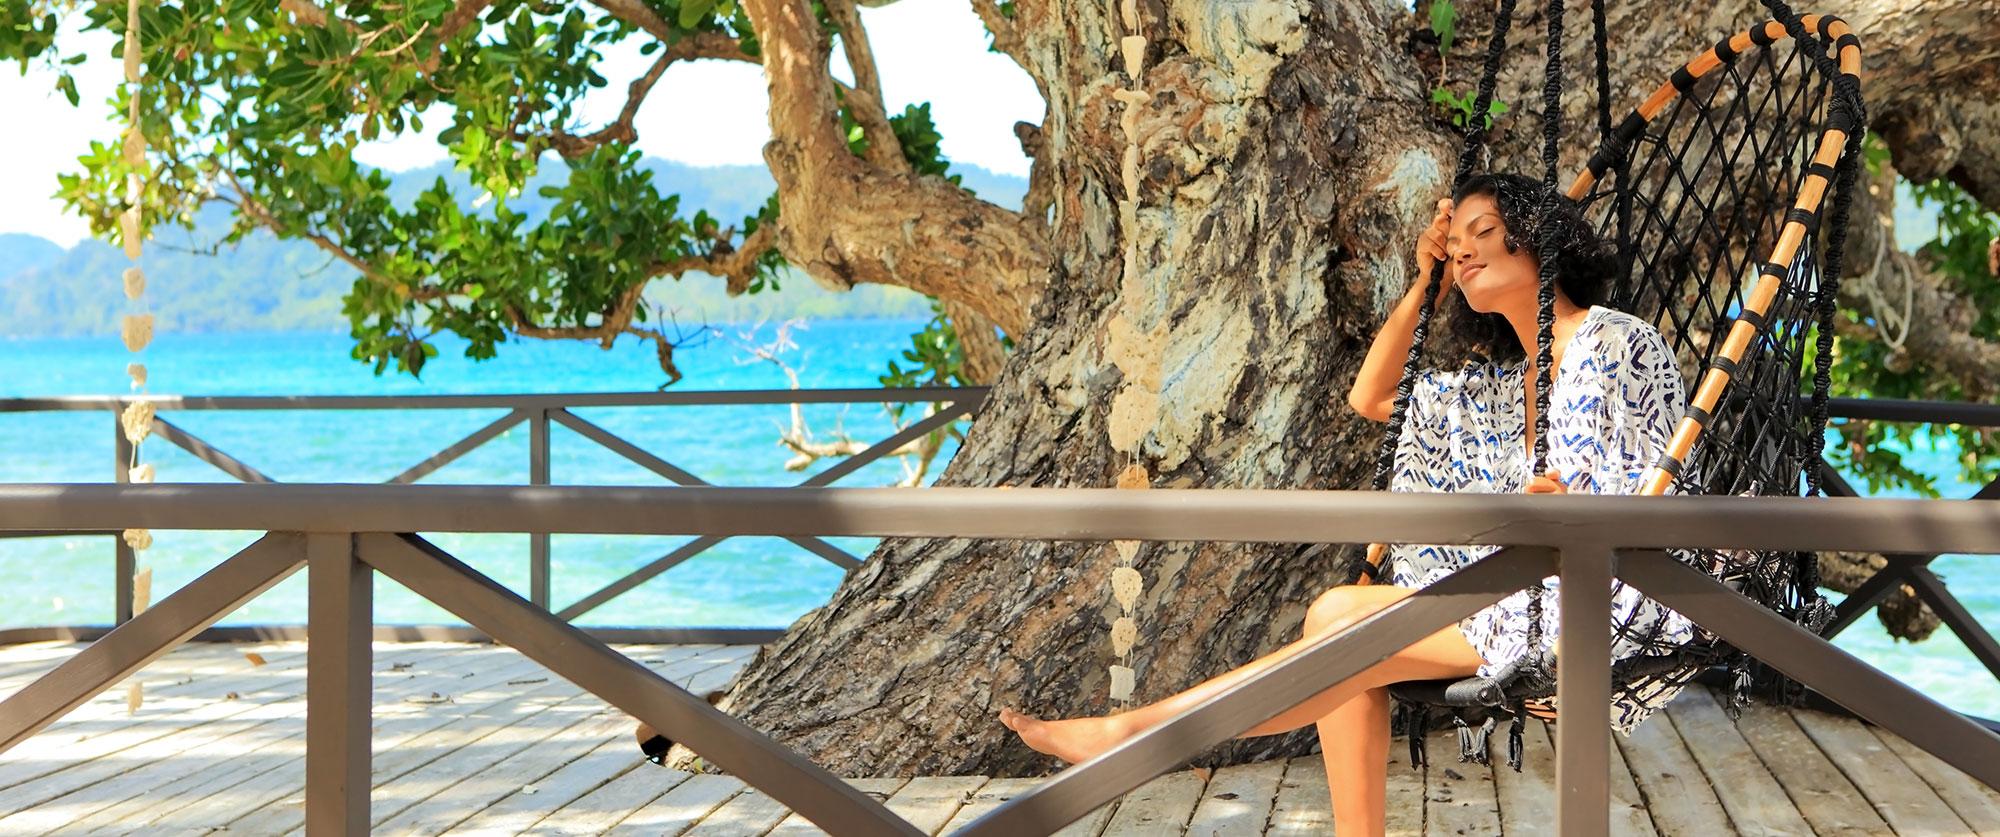 Matangi Private Island Resort - Luxury Fiji Vacation